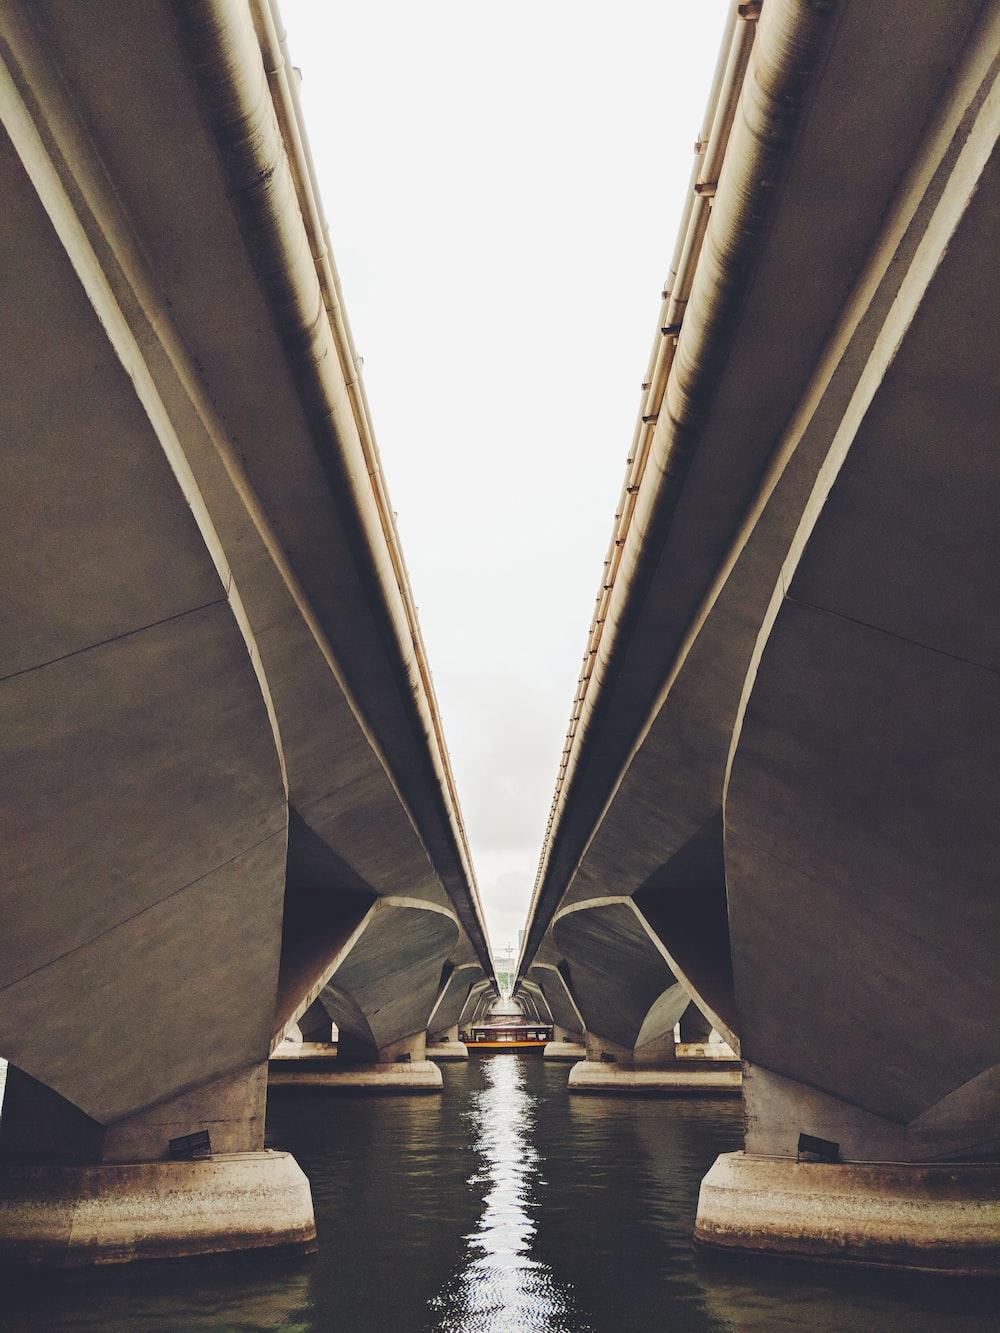 Golden Gate Bridge photo by Gerson Repreza (@gersonrepreza) on Unsplash